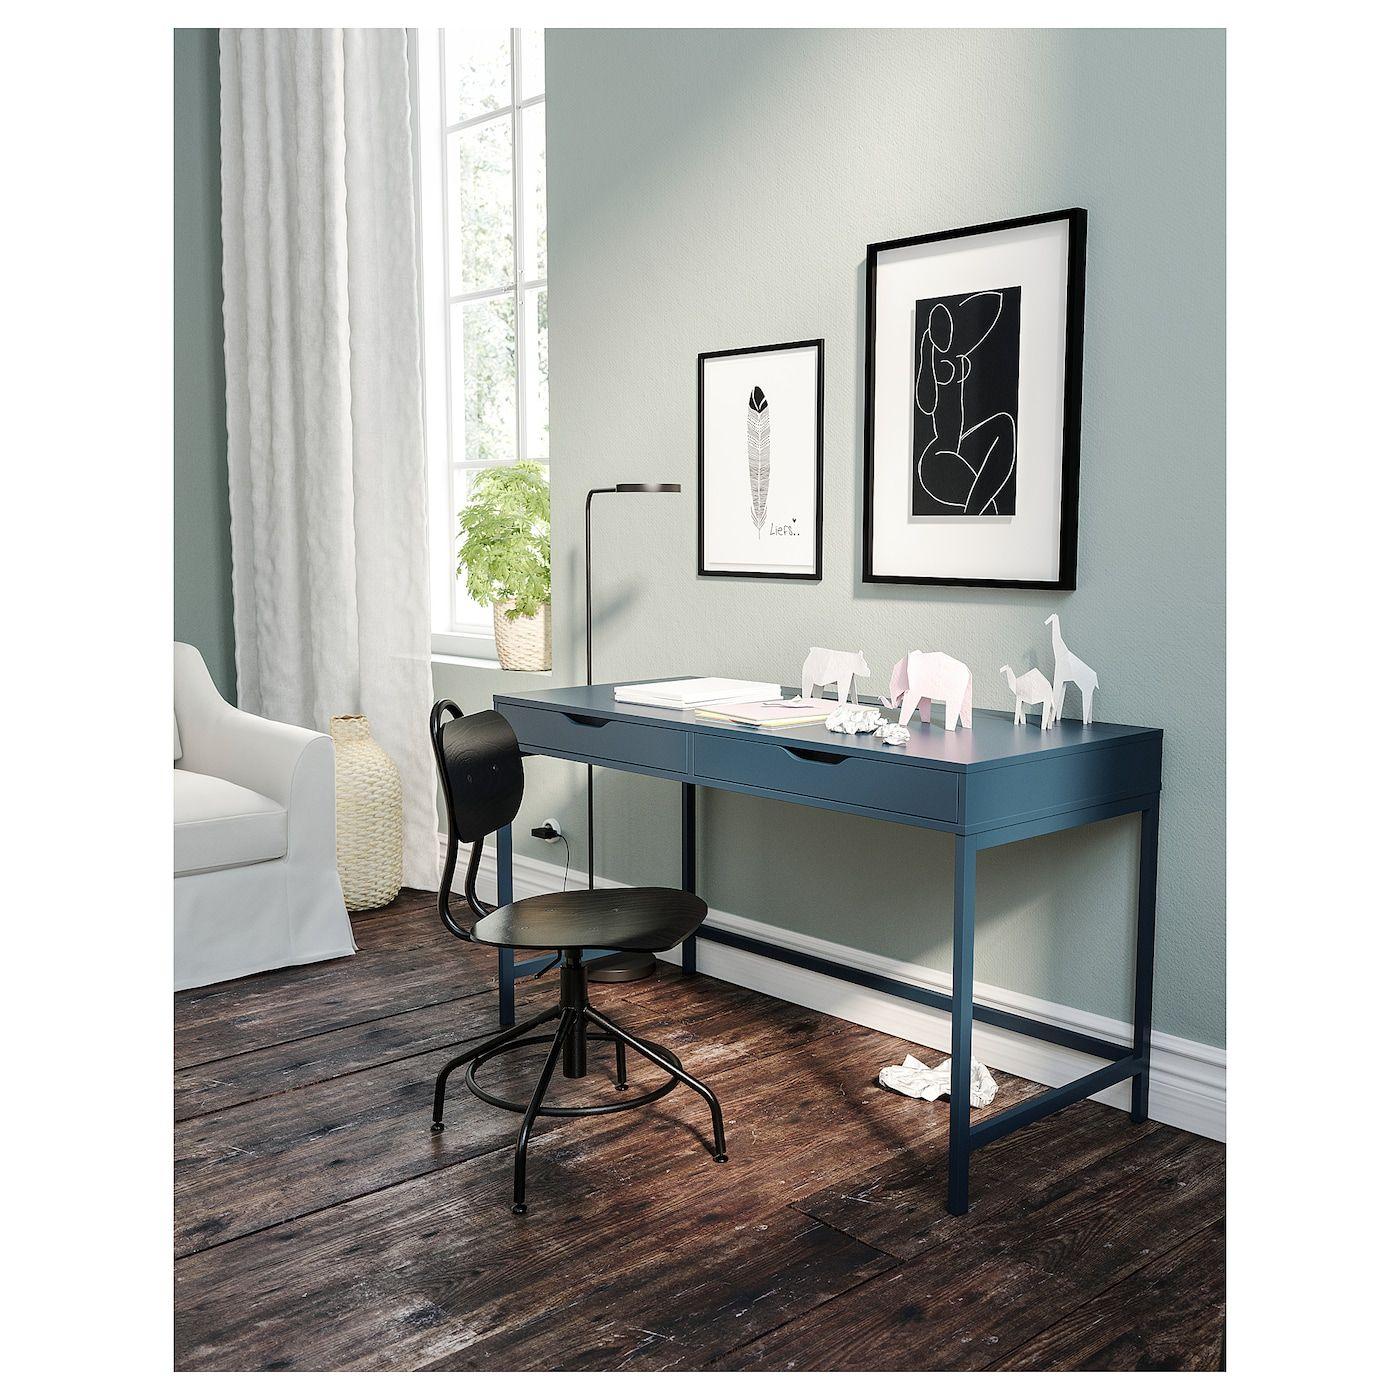 Alex Desk Blue 51 5 8x23 5 8 Ikea Ikea Alex Desk Alex Desk Ikea Workspace